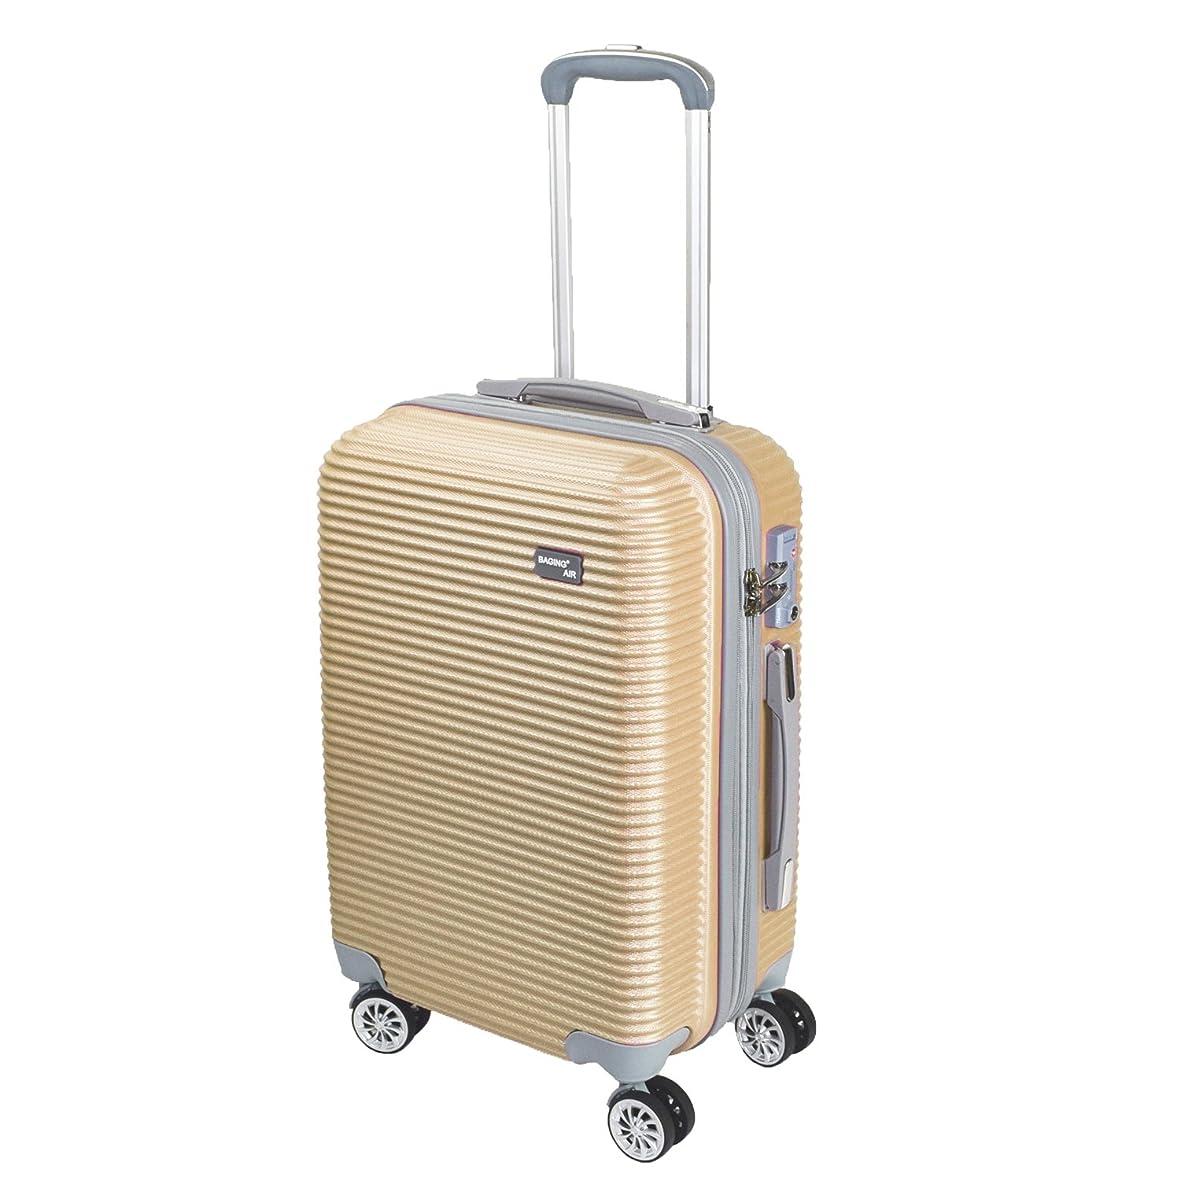 予備ムスタチオ存在する【神戸リベラル】 BAGING 軽量 拡張ファスナー付き S,M,Lサイズ スーツケース キャリーバッグ 8輪キャスター TSAロック付き